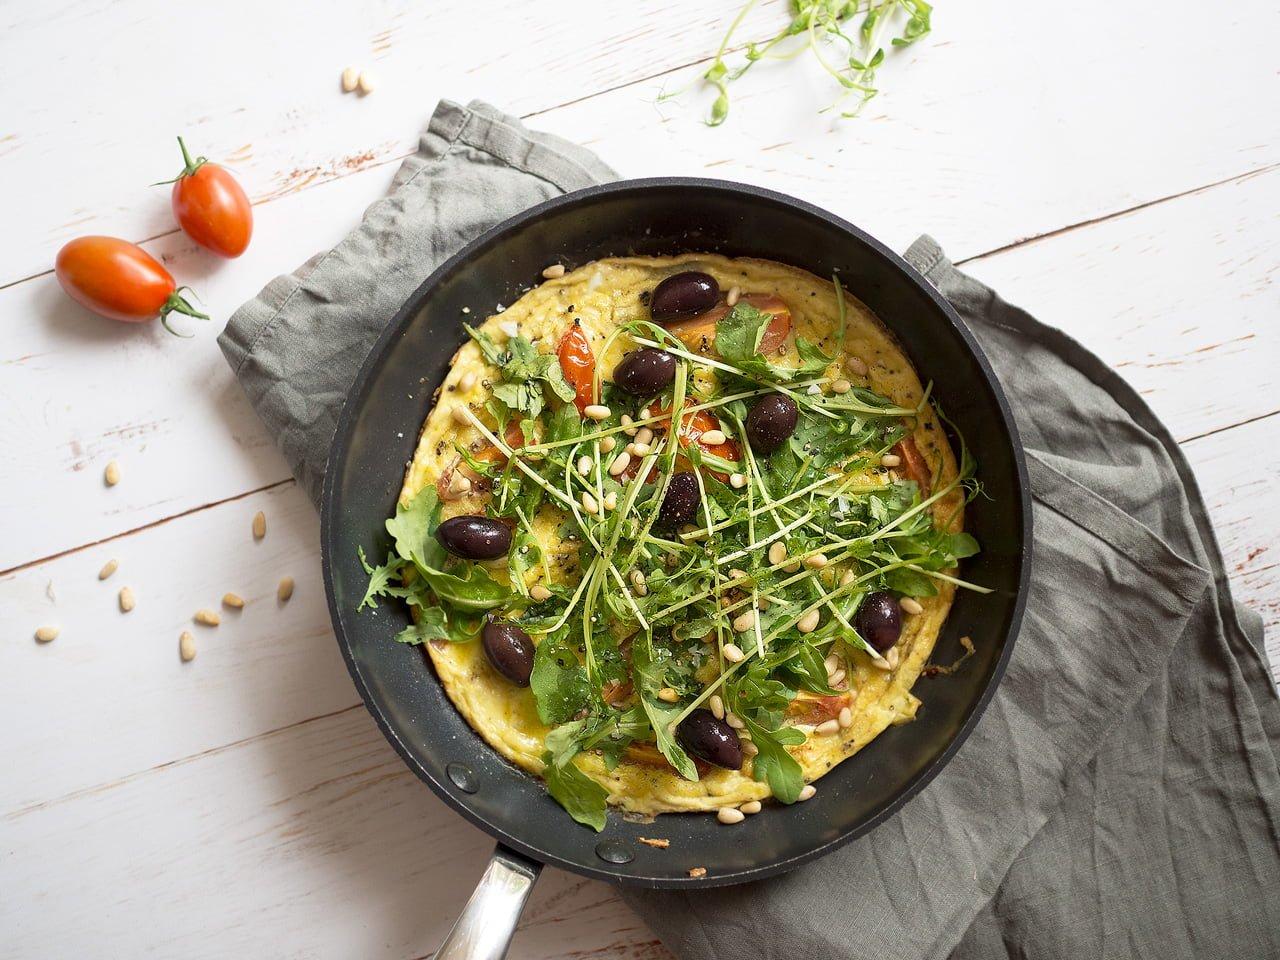 italiensk omelett i ugn